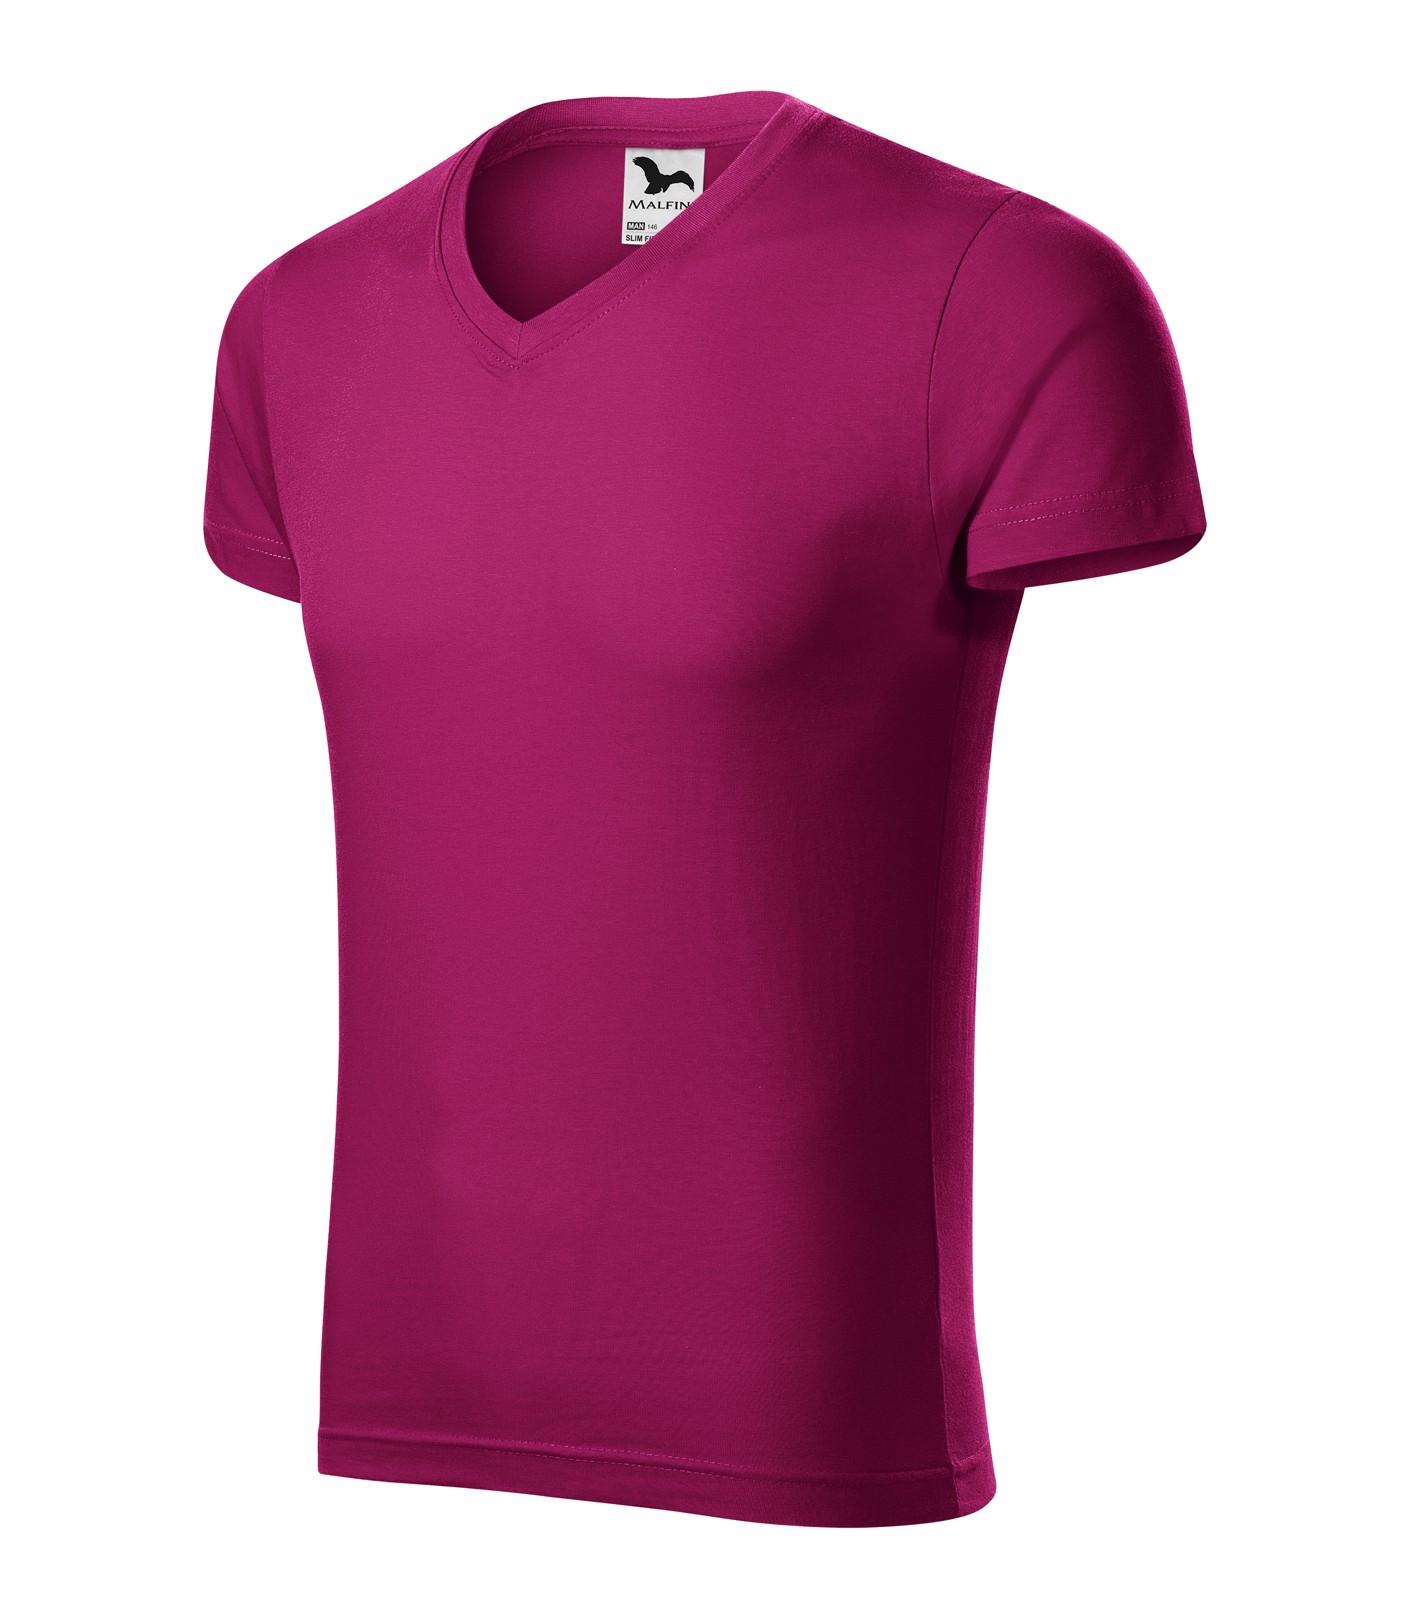 Tričko pánské Malfini Slim Fit V-neck - Fuchsia Red / S